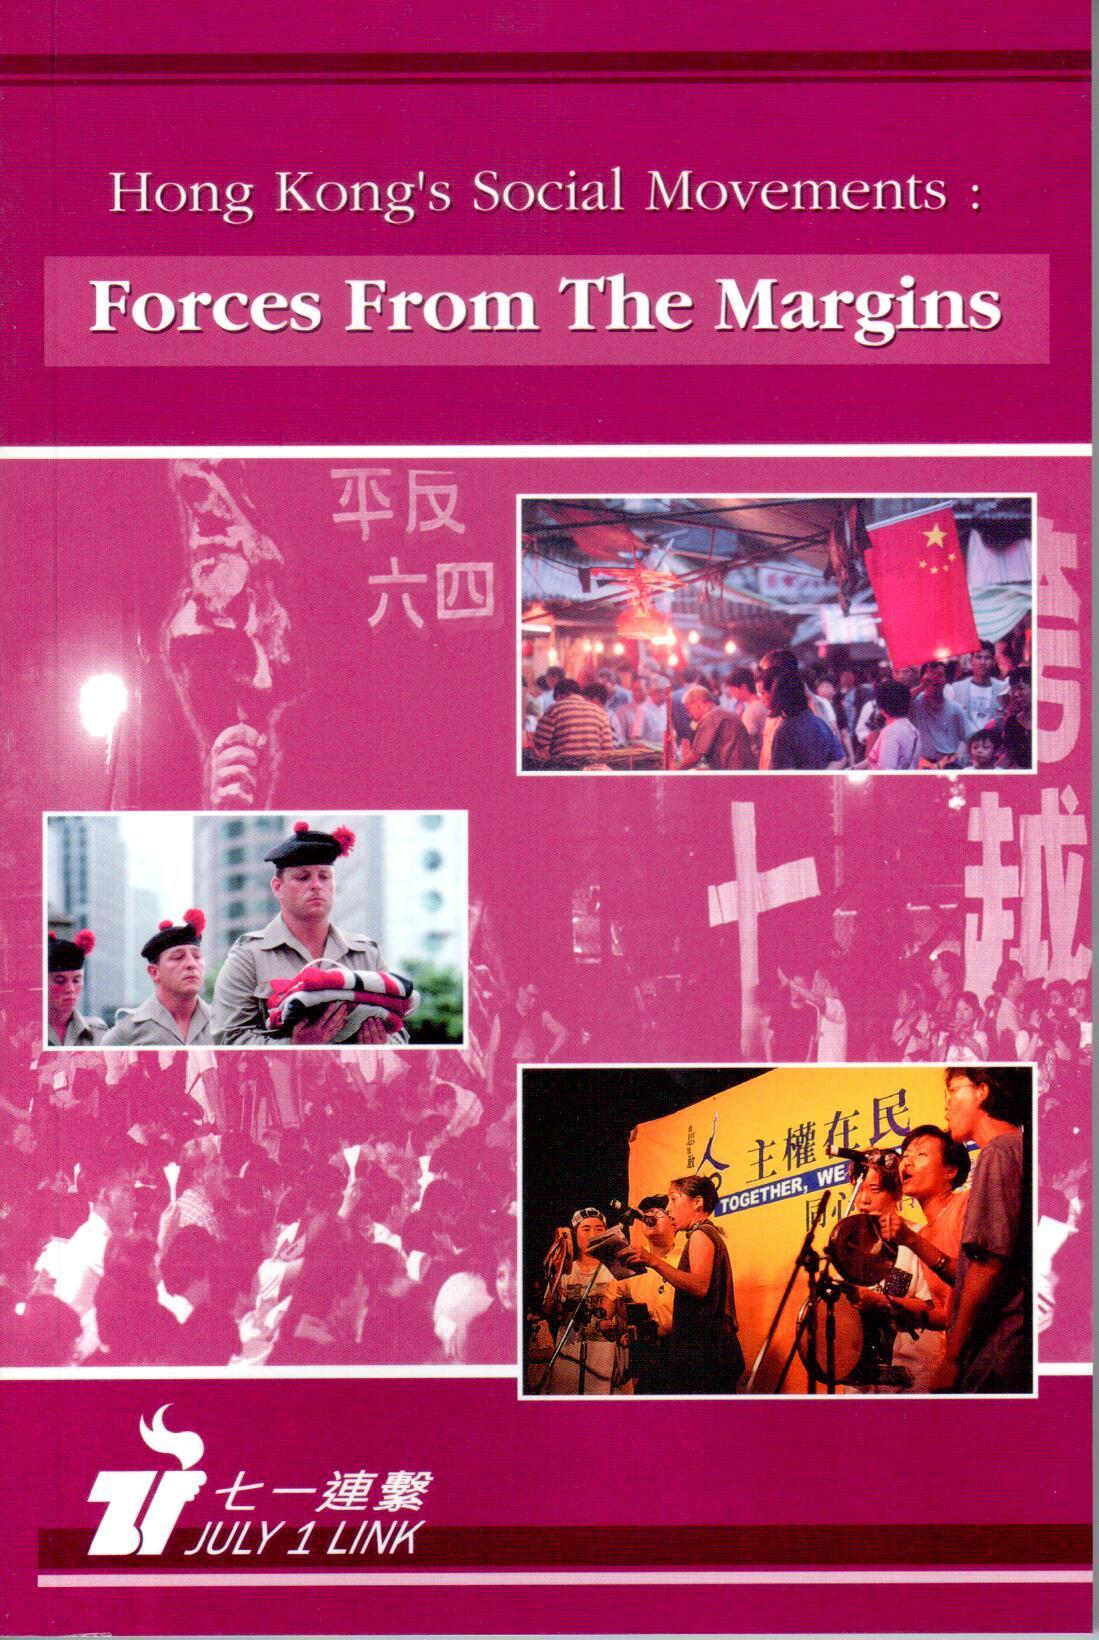 Hong Kong's social movements